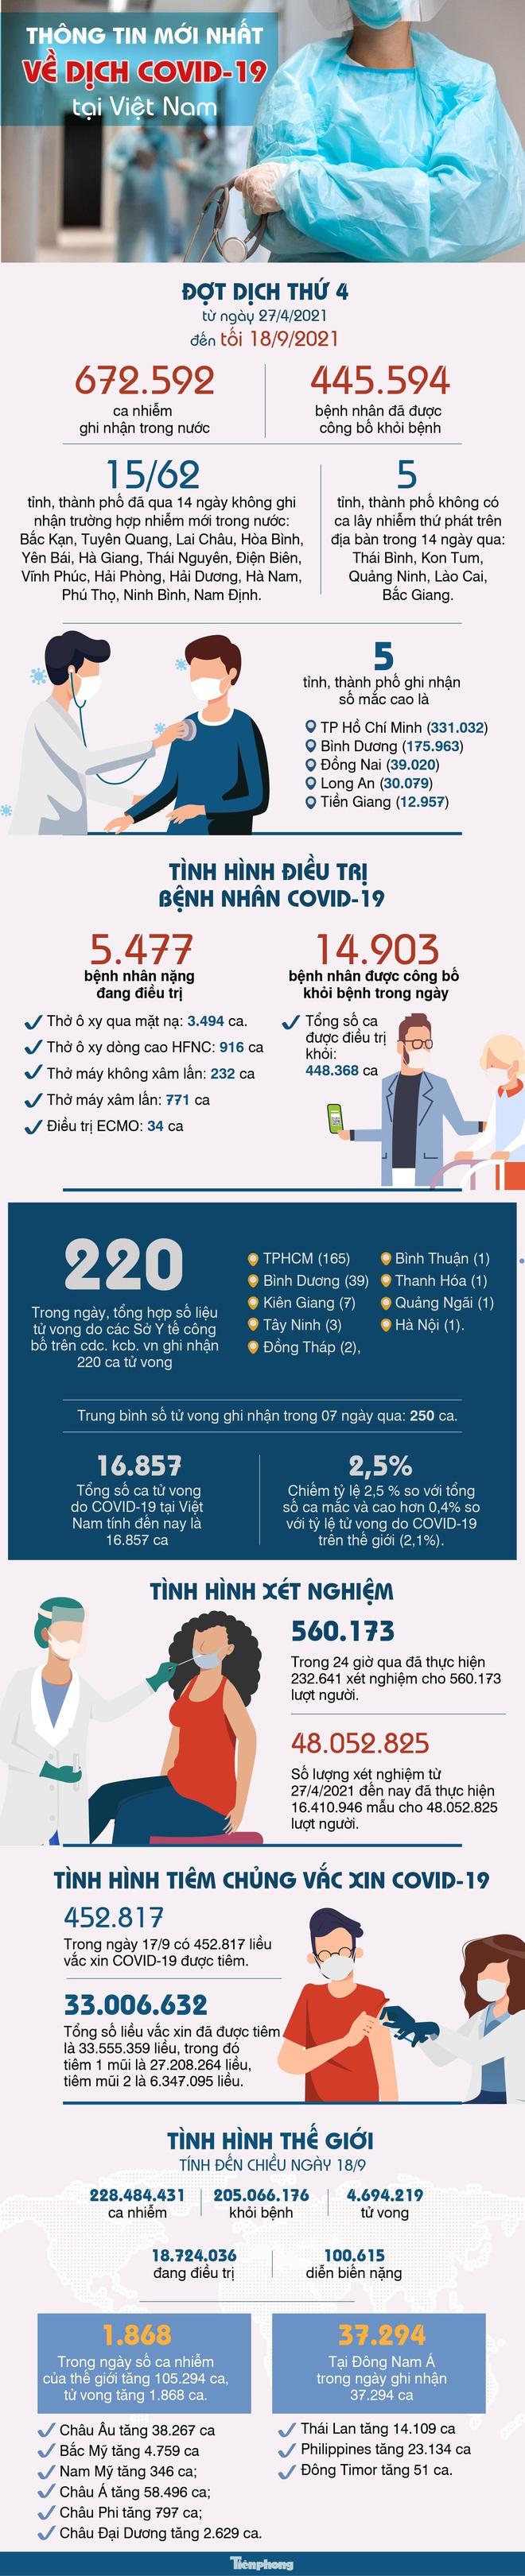 Diễn biến dịch ngày 20/9: Chùm ca COVID-19 ở Long Biên chưa rõ nguồn lây, phức tạp, nguy hiểm; Đề xuất TP.HCM cấp thẻ xanh Covid-19 cho người tiêm 1 mũi vaccine - Ảnh 1.